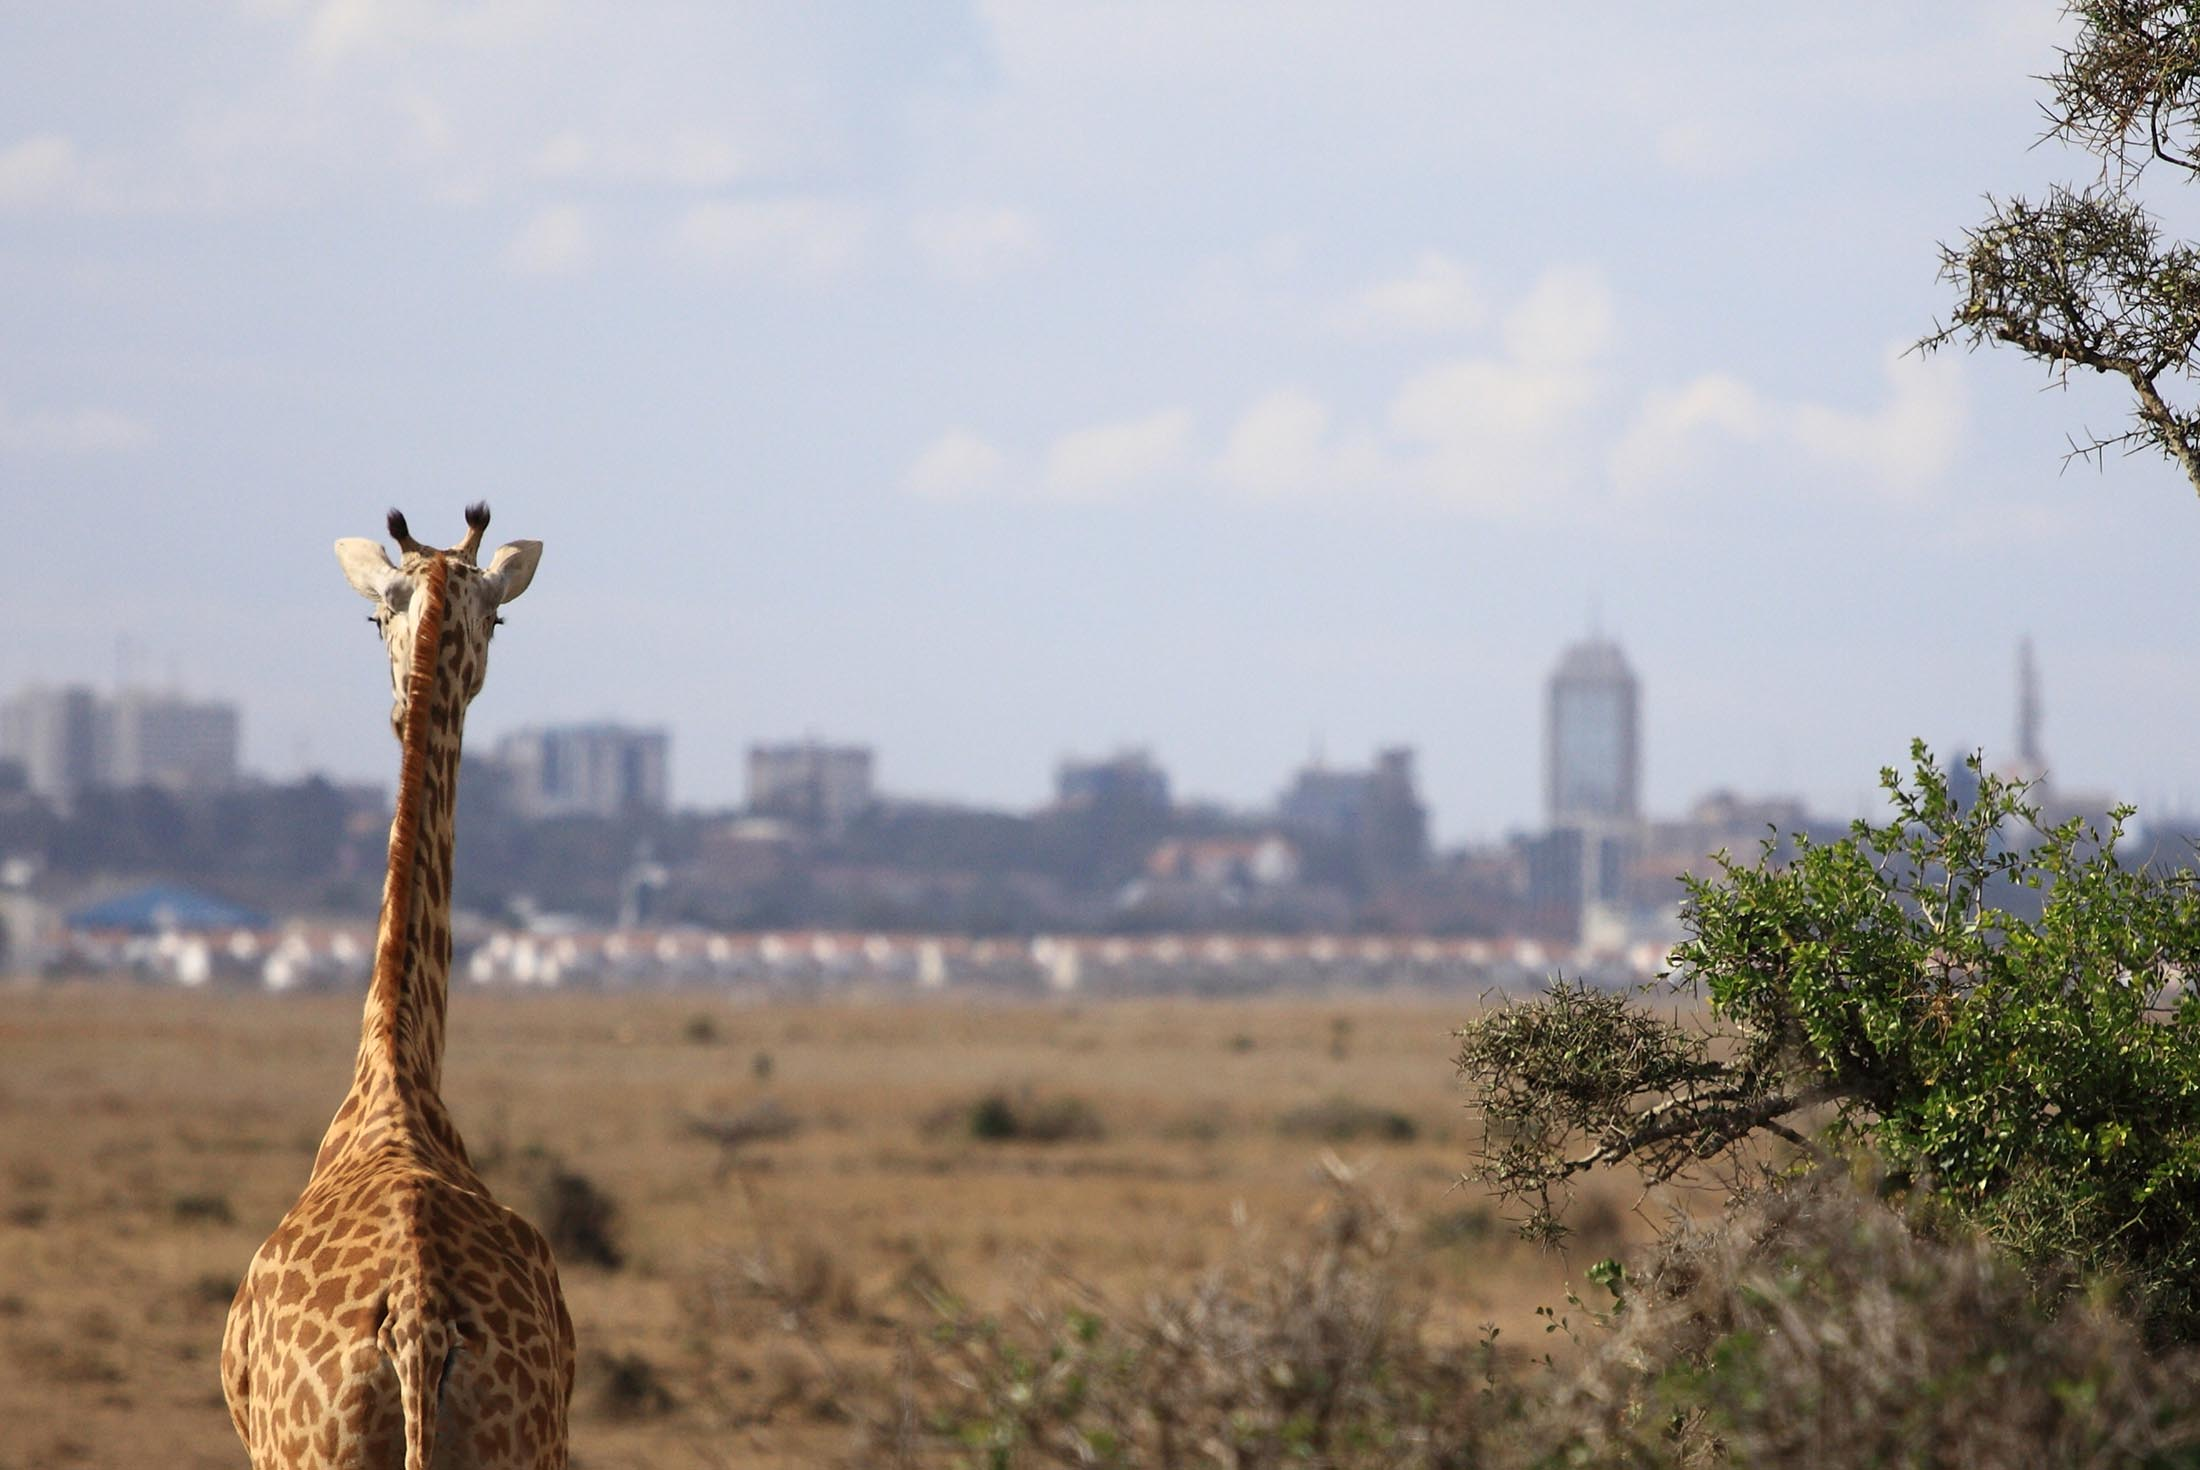 Kenya Safari Experience - Independent 3